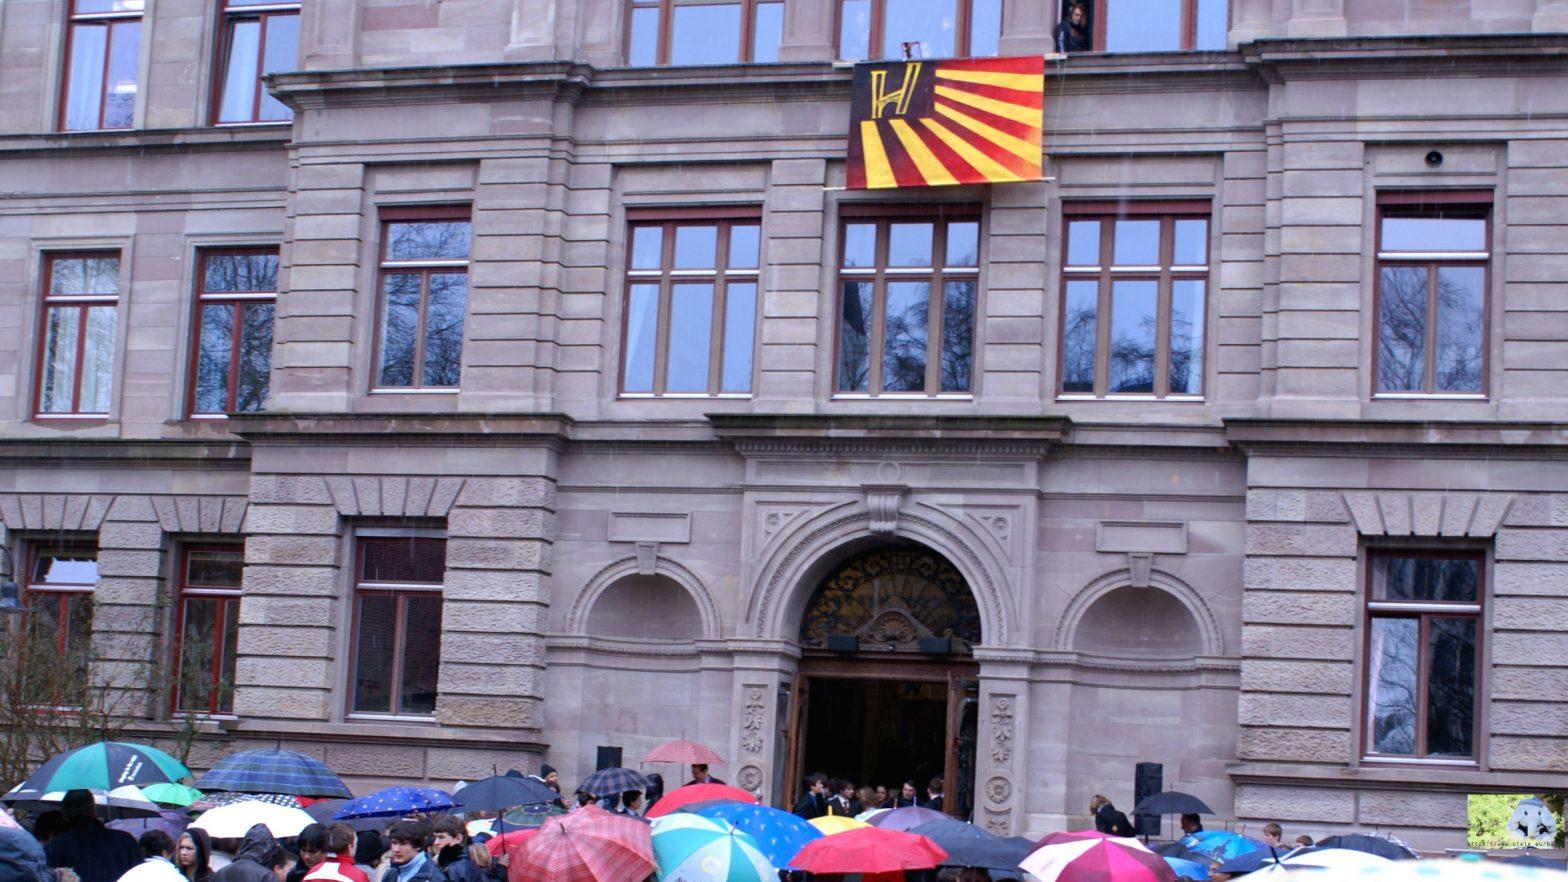 Schulgebäude mit Fahne Humbolei, und Schülern unter Regenschirmen